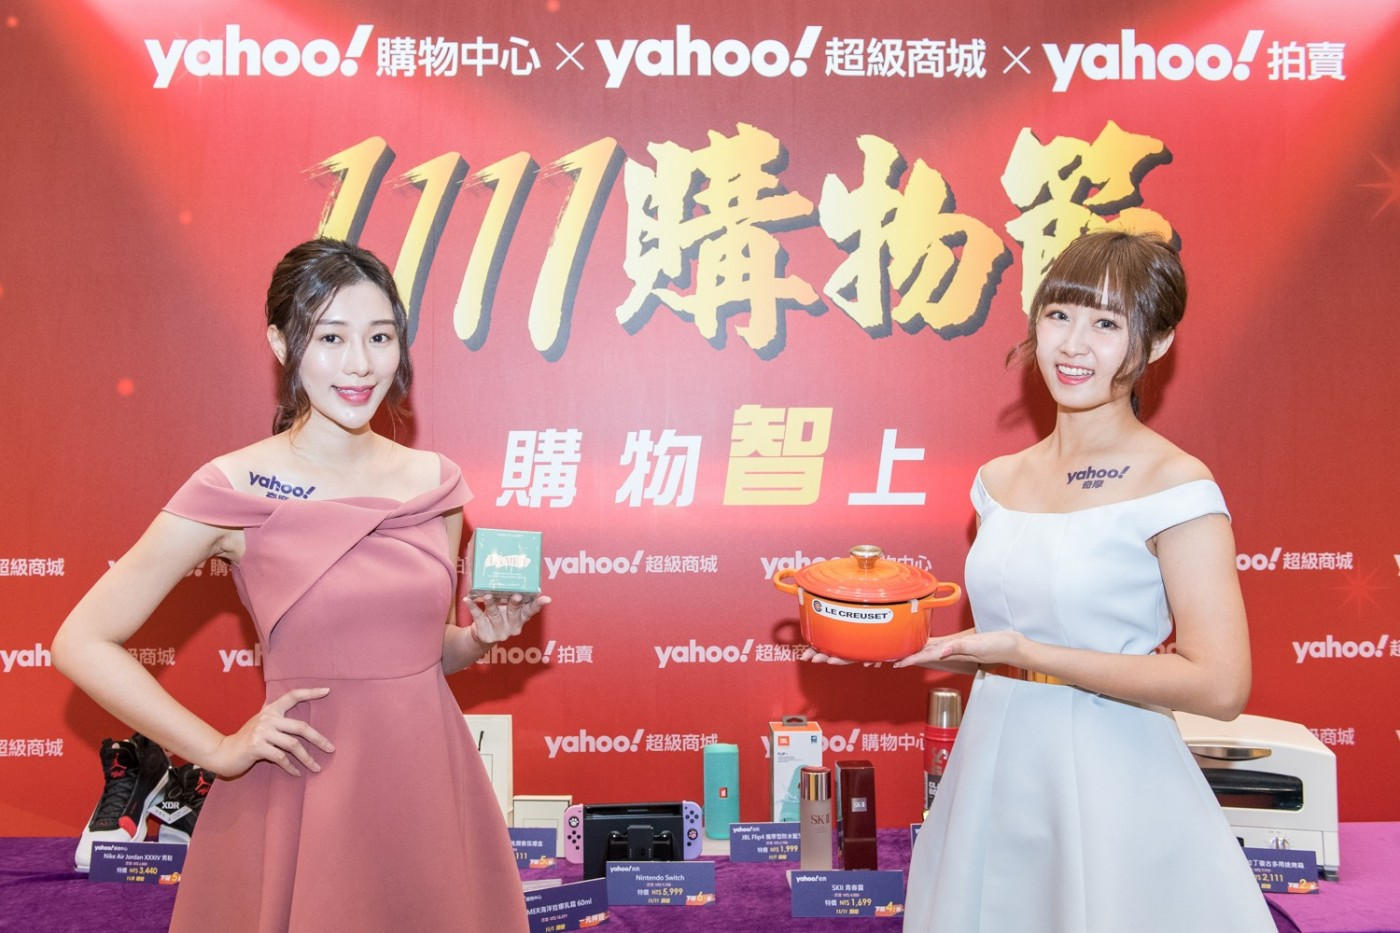 迎戰雙11!Yahoo奇摩億元級AI物流中心啟用,出貨速度快60%